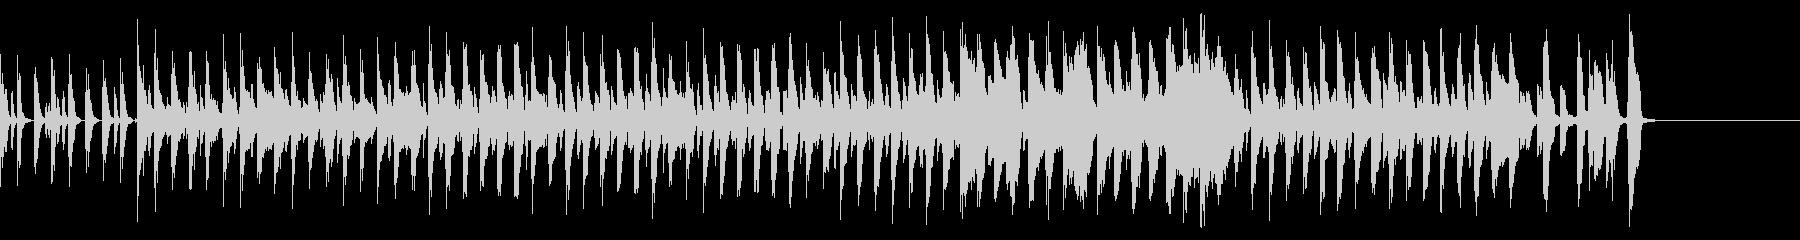 マーチ感のあるドラムと木琴の行進曲の未再生の波形